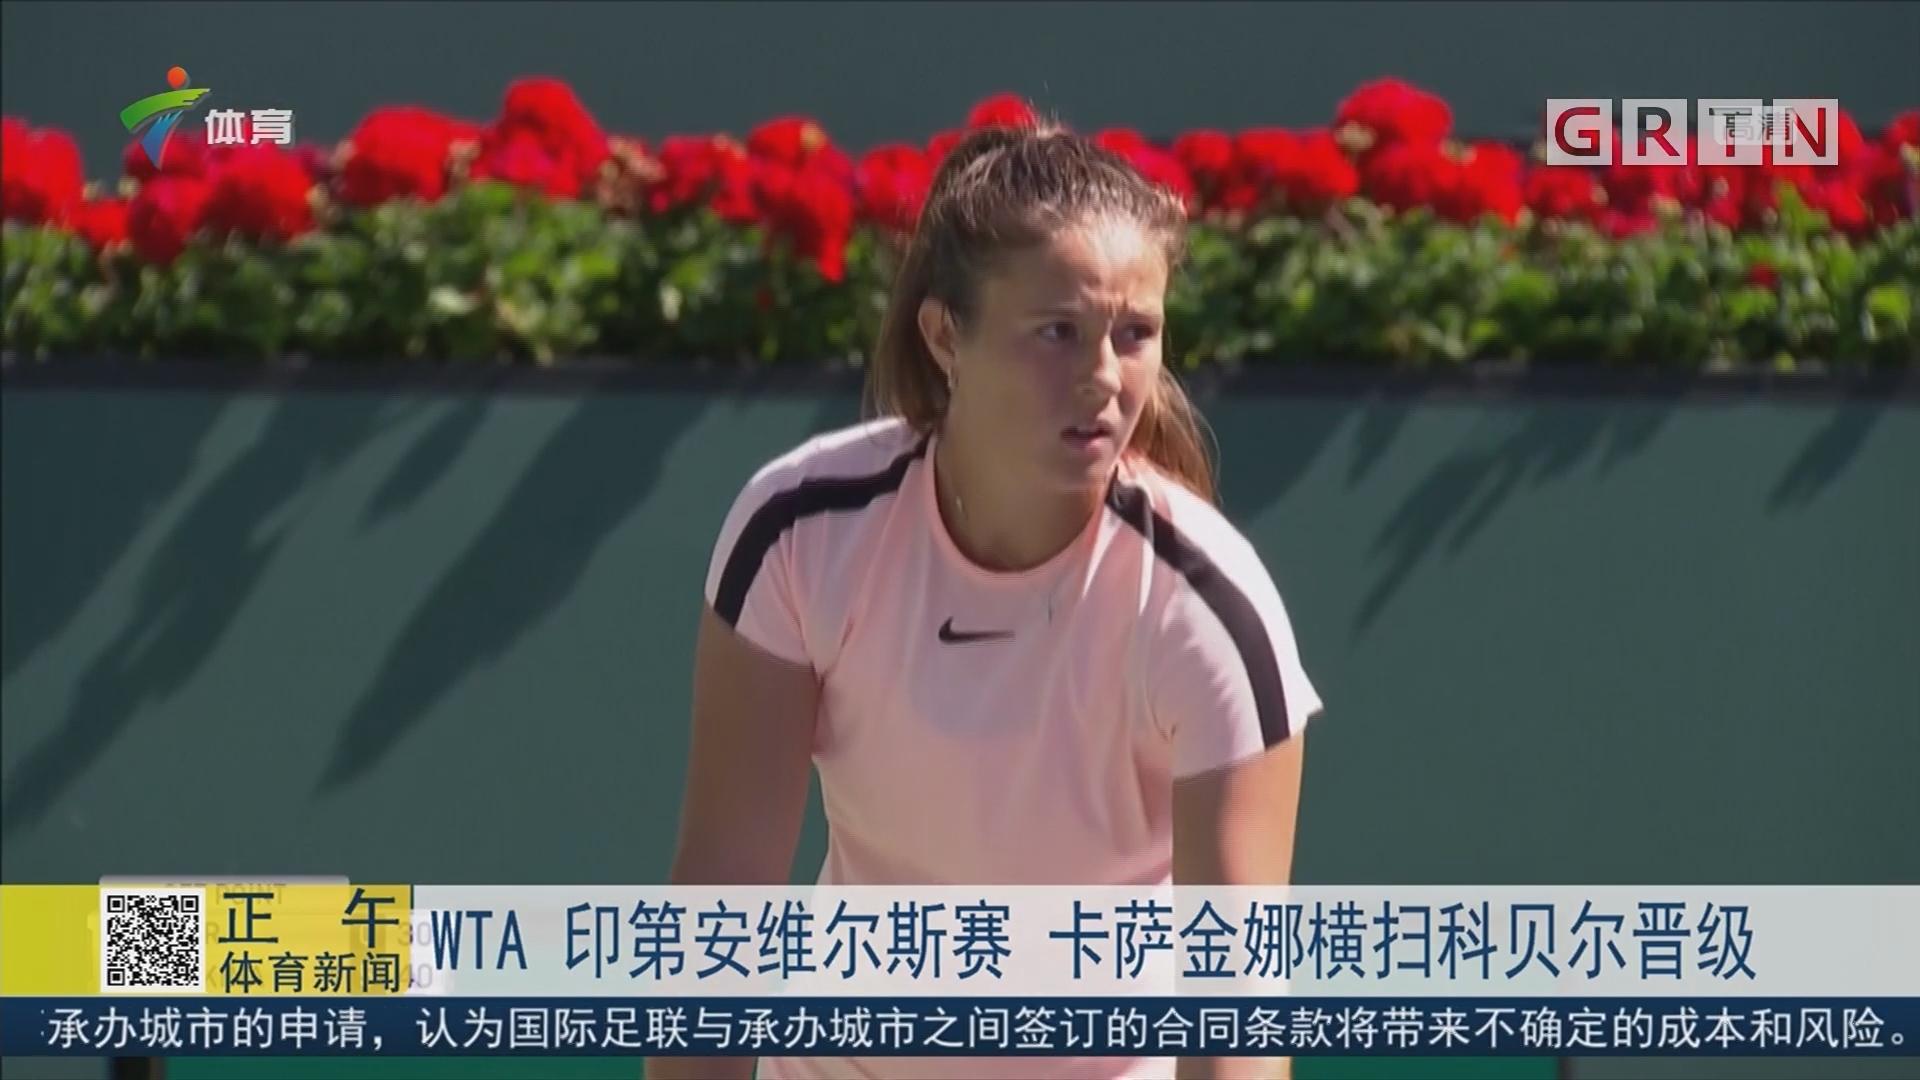 WTA 印第安维尔斯赛 卡萨金娜横扫科贝尔晋级